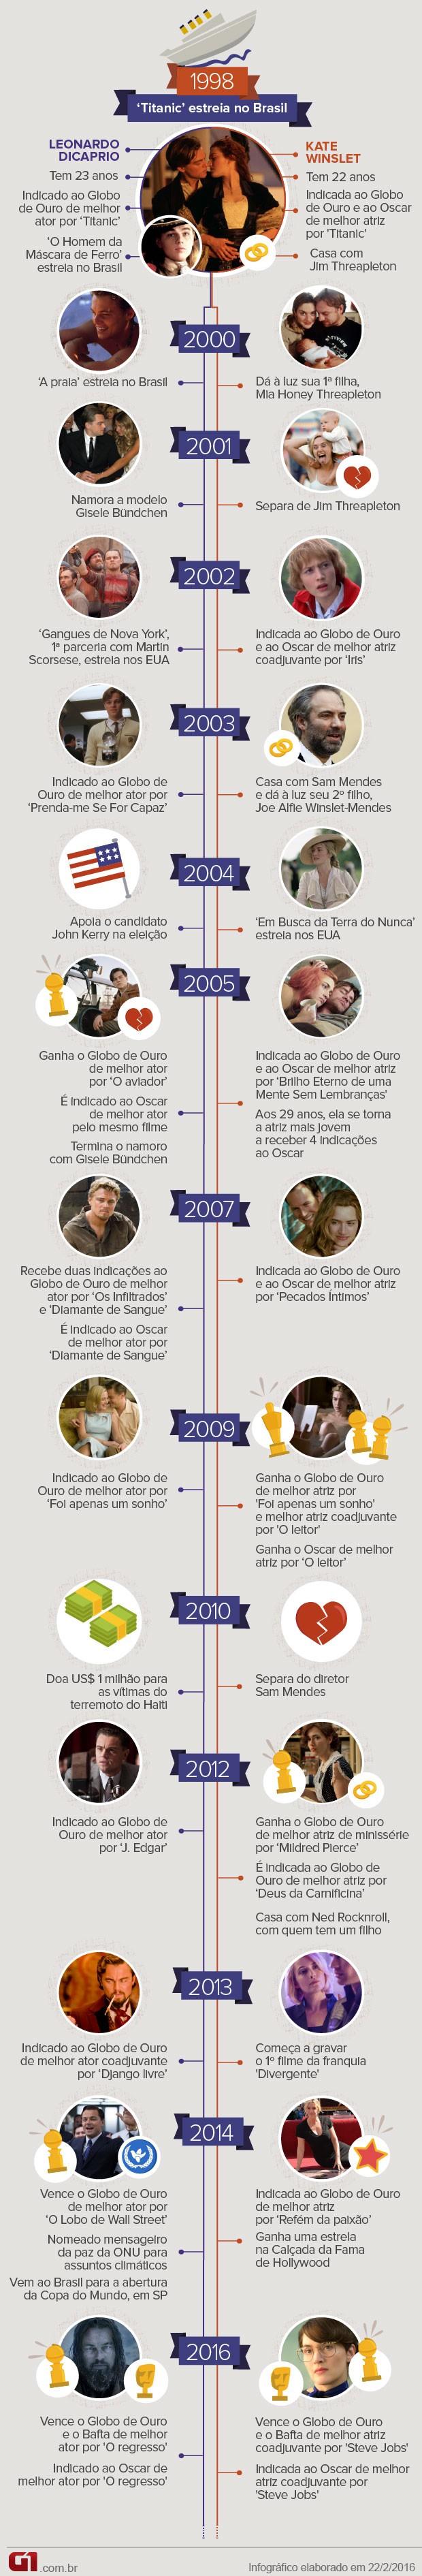 Leonardo DiCaprio e Kate Winslet: uma cronologia (Foto: Arte/G1)